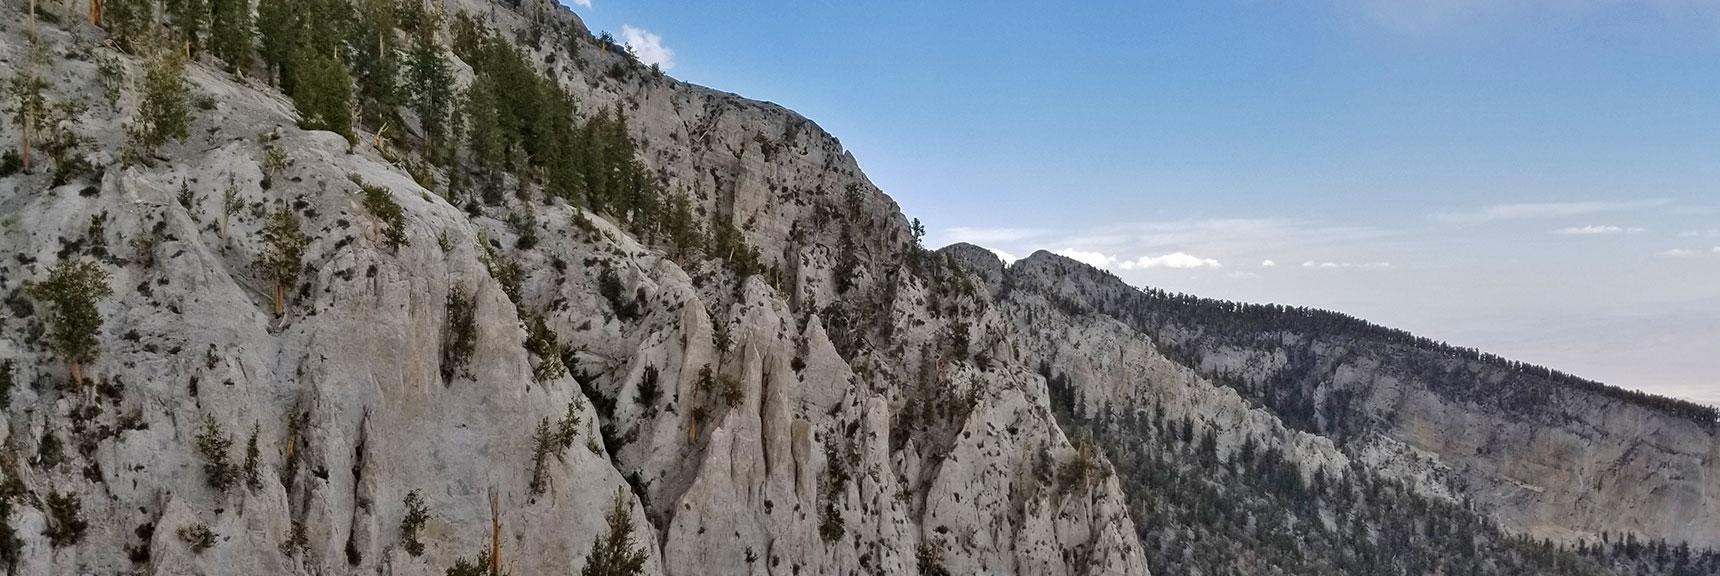 Mummy Mountain Northern Cliffs   Mummy Mountain NNE, Mt. Charleston Wilderness, Nevada, Slide 025